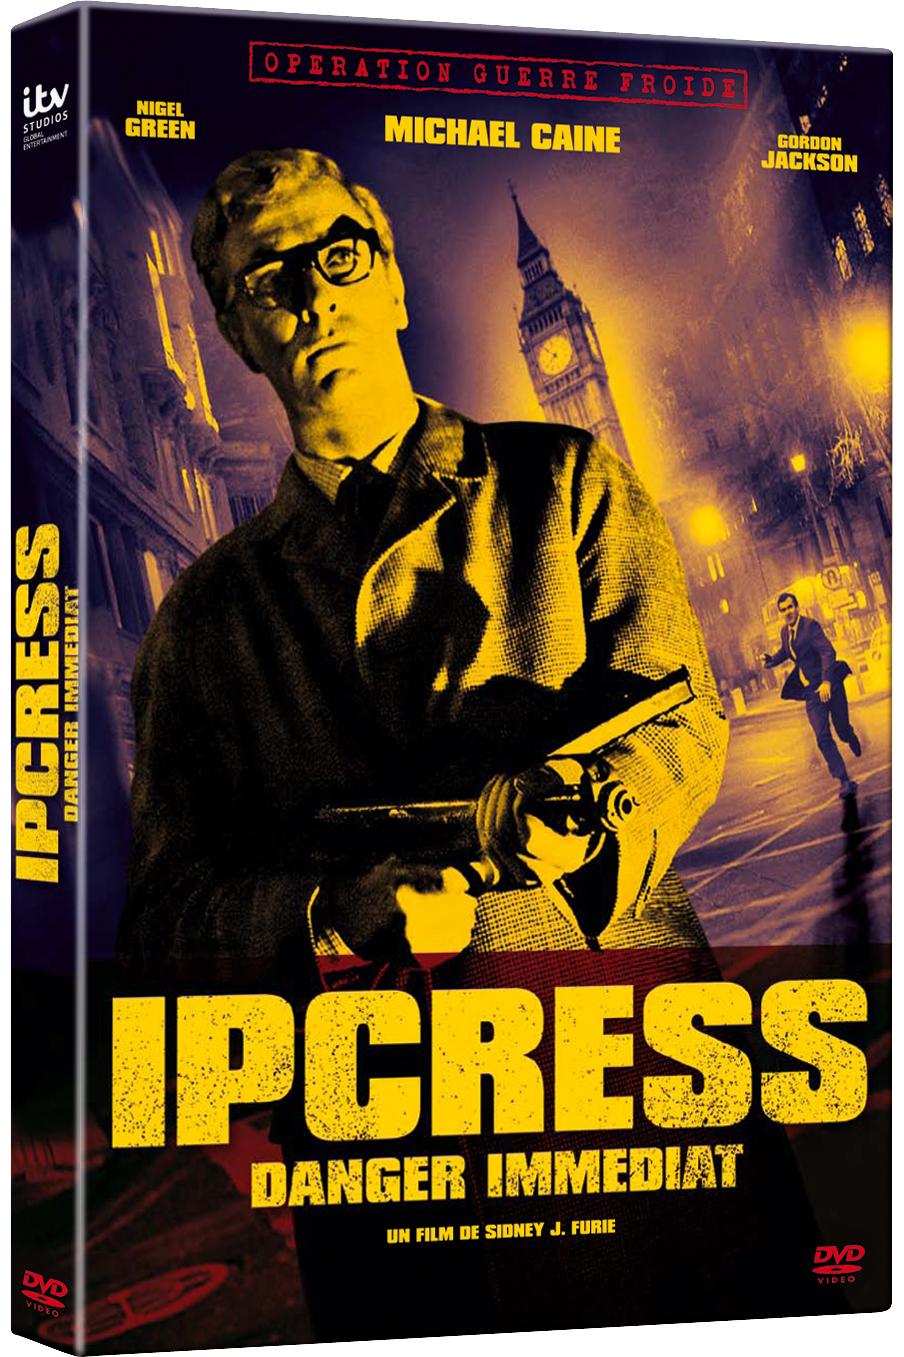 Télécharger Ipcress - Danger immédiat TRUEFRENCH VF Uptobox